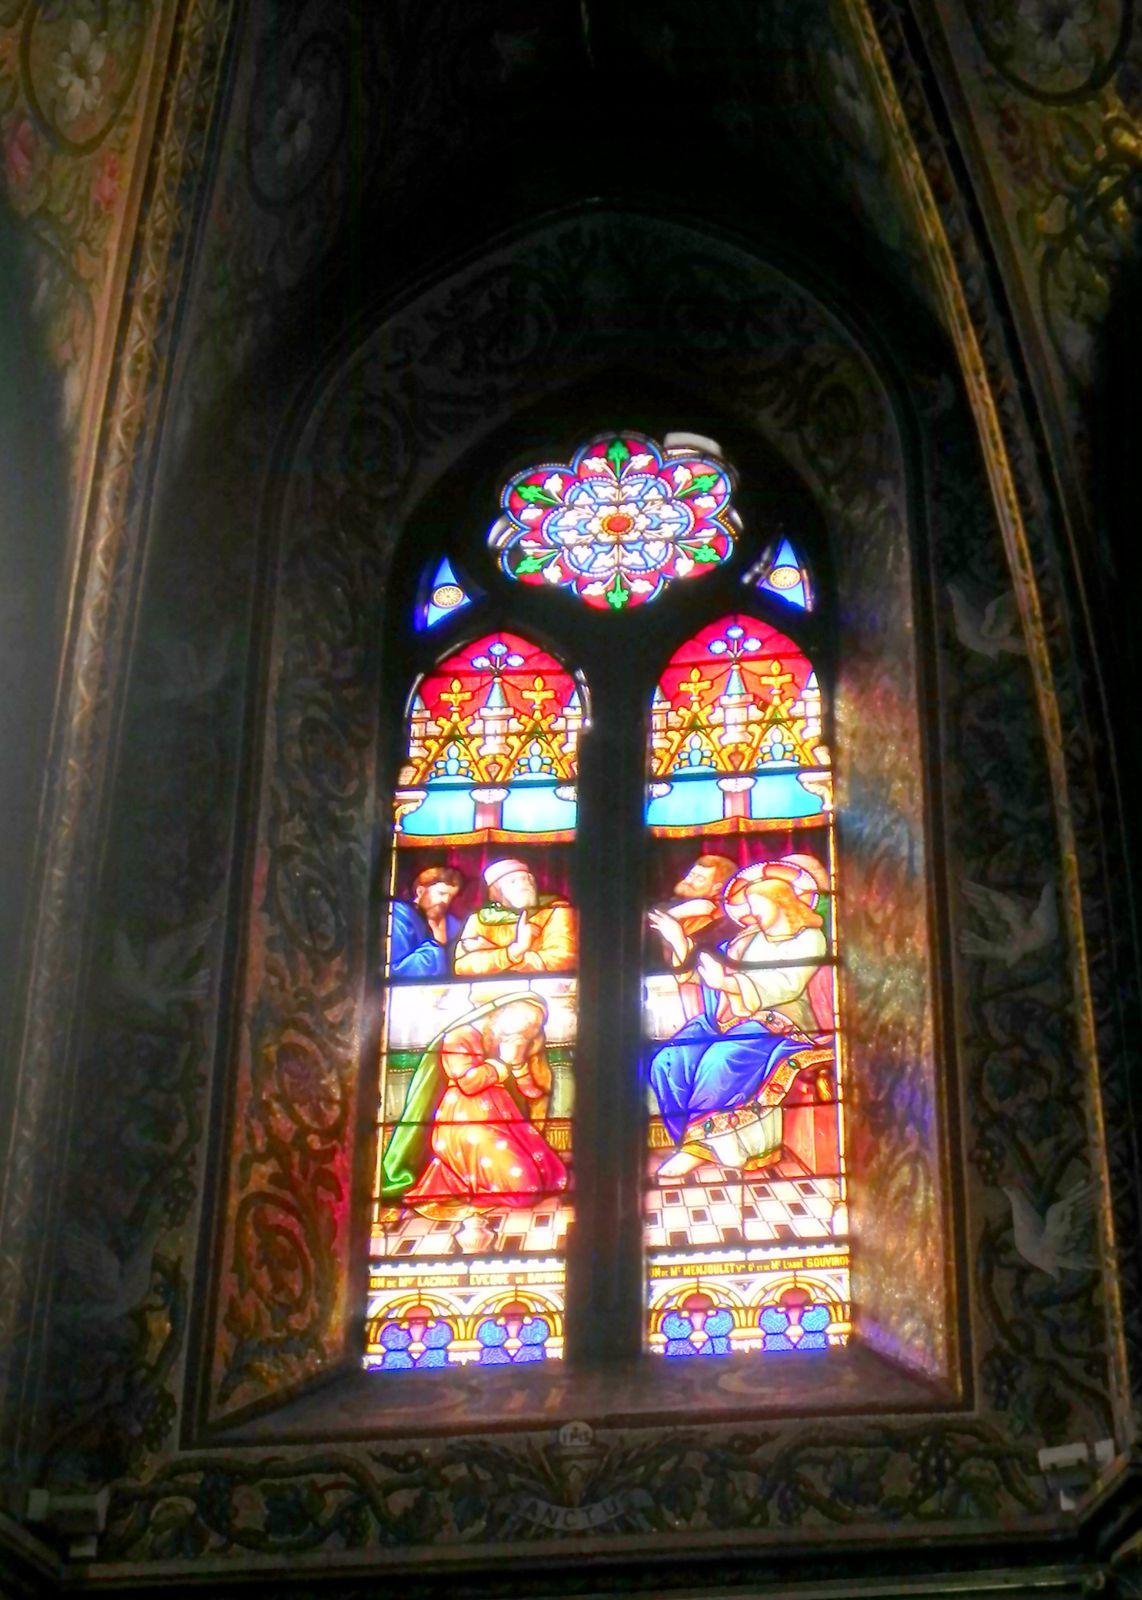 Quelques vitraux. Les murs sont peints aussi très finement.